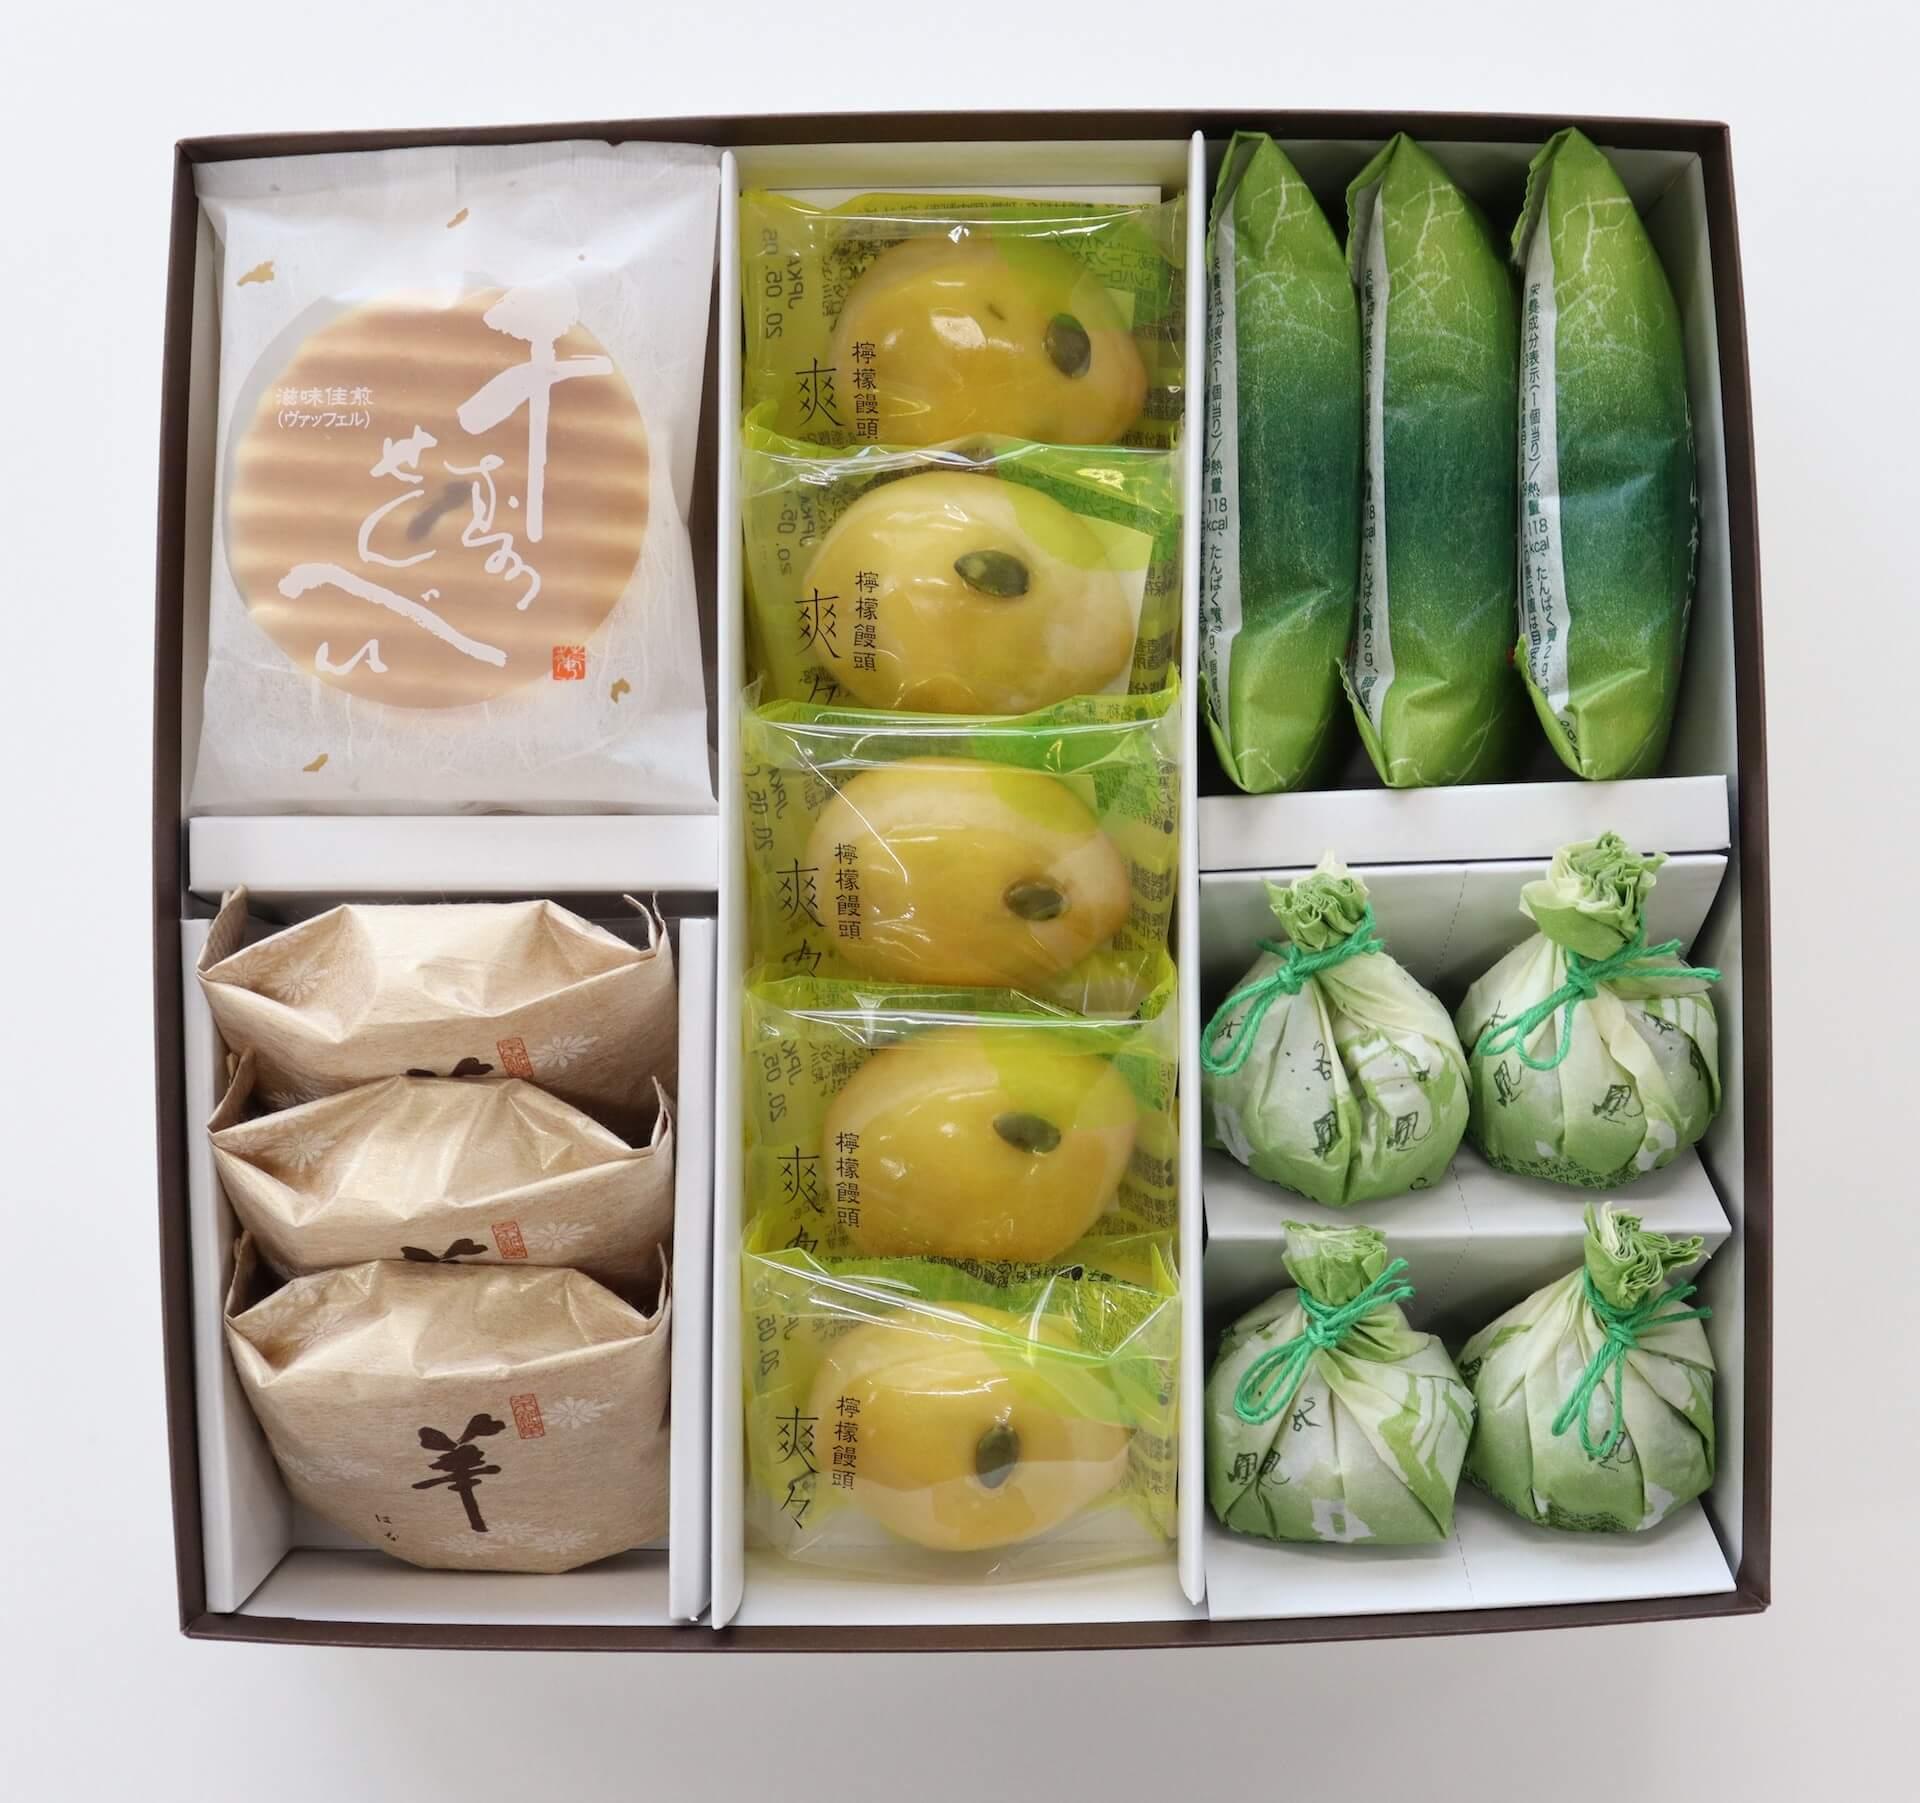 京都の初夏をおうちで楽しもう!鼓月から『初夏の和菓子 お取り寄せセット』がWEB&期間限定で登場 gourmet200423_kogetsu_02